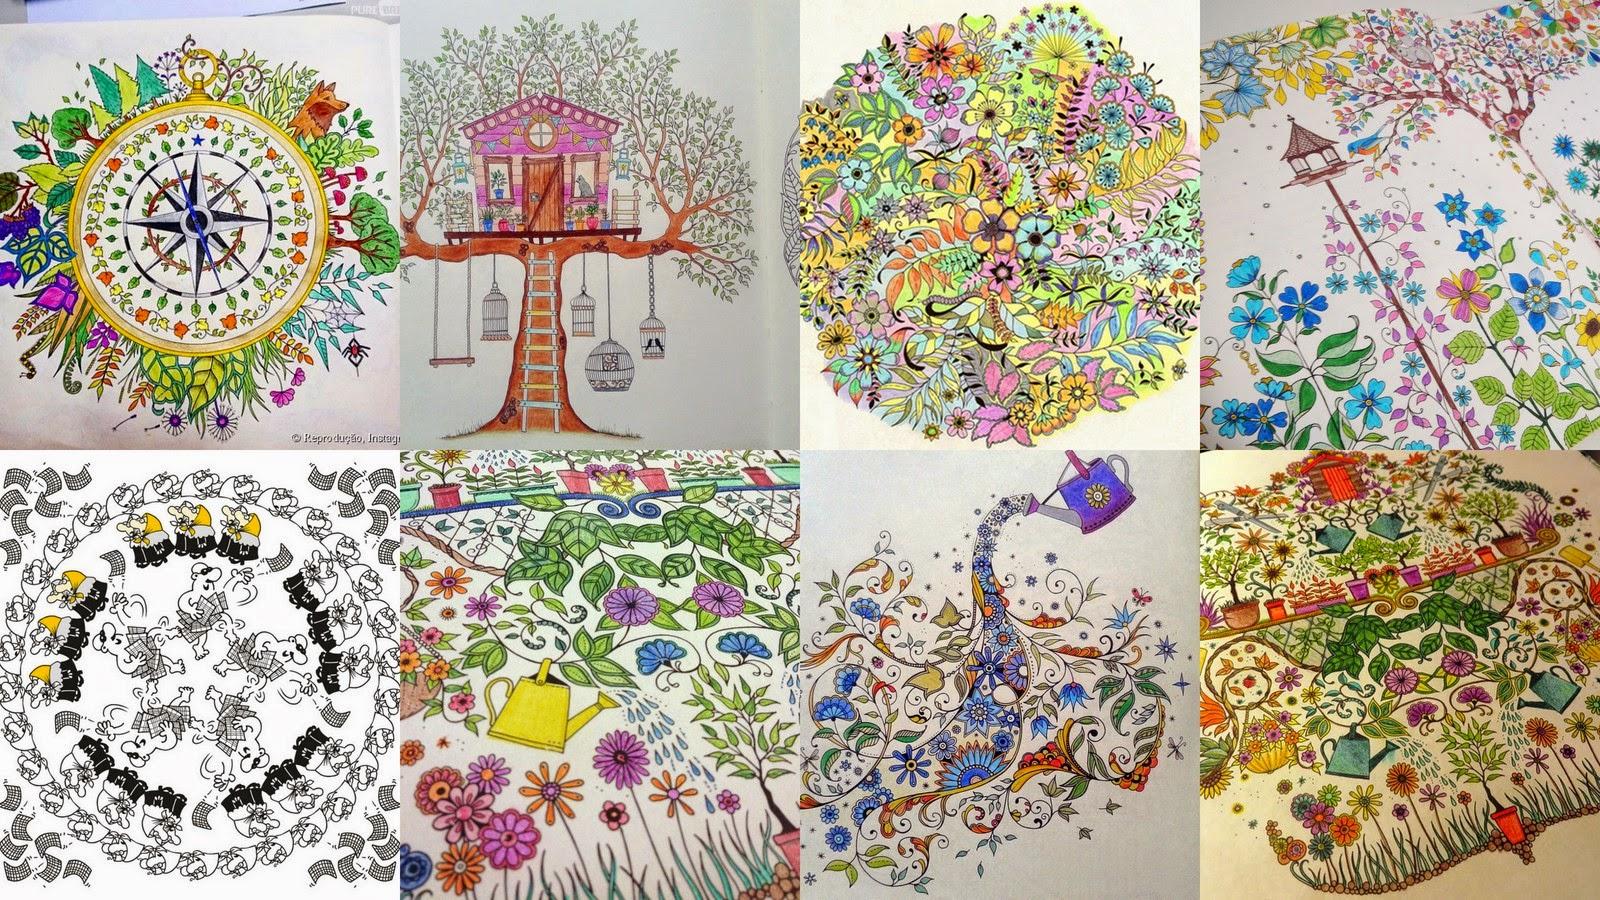 10 sites para imprimir desenhos e colorir MdeMulher - imagens para colorir de livros